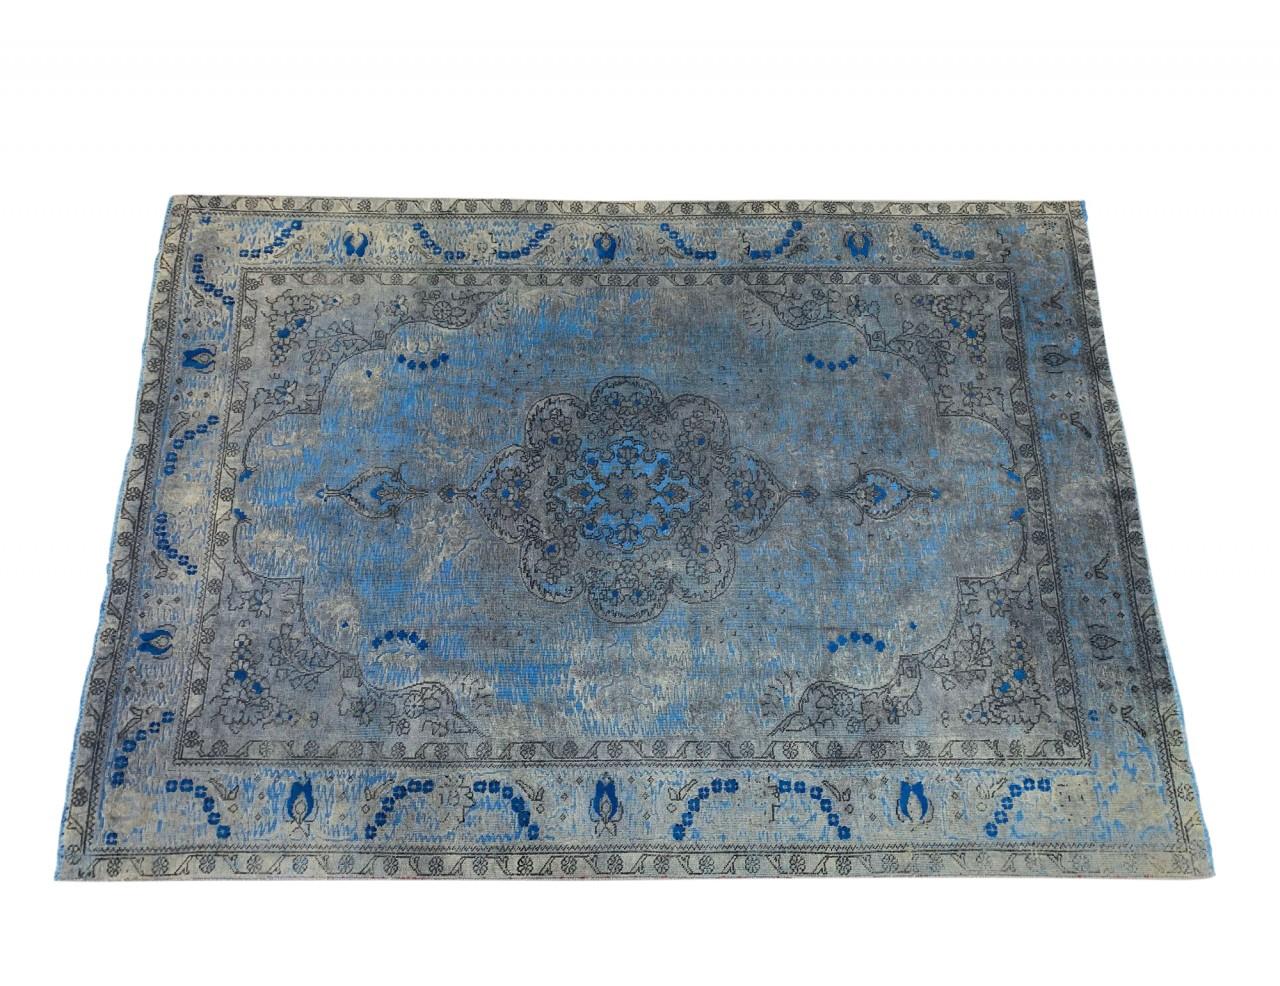 SARTORI IR KARMA I INTERO Vintage Teppich in wunderschönen blauen Akzenten Farbtönen 288 x 201 cm